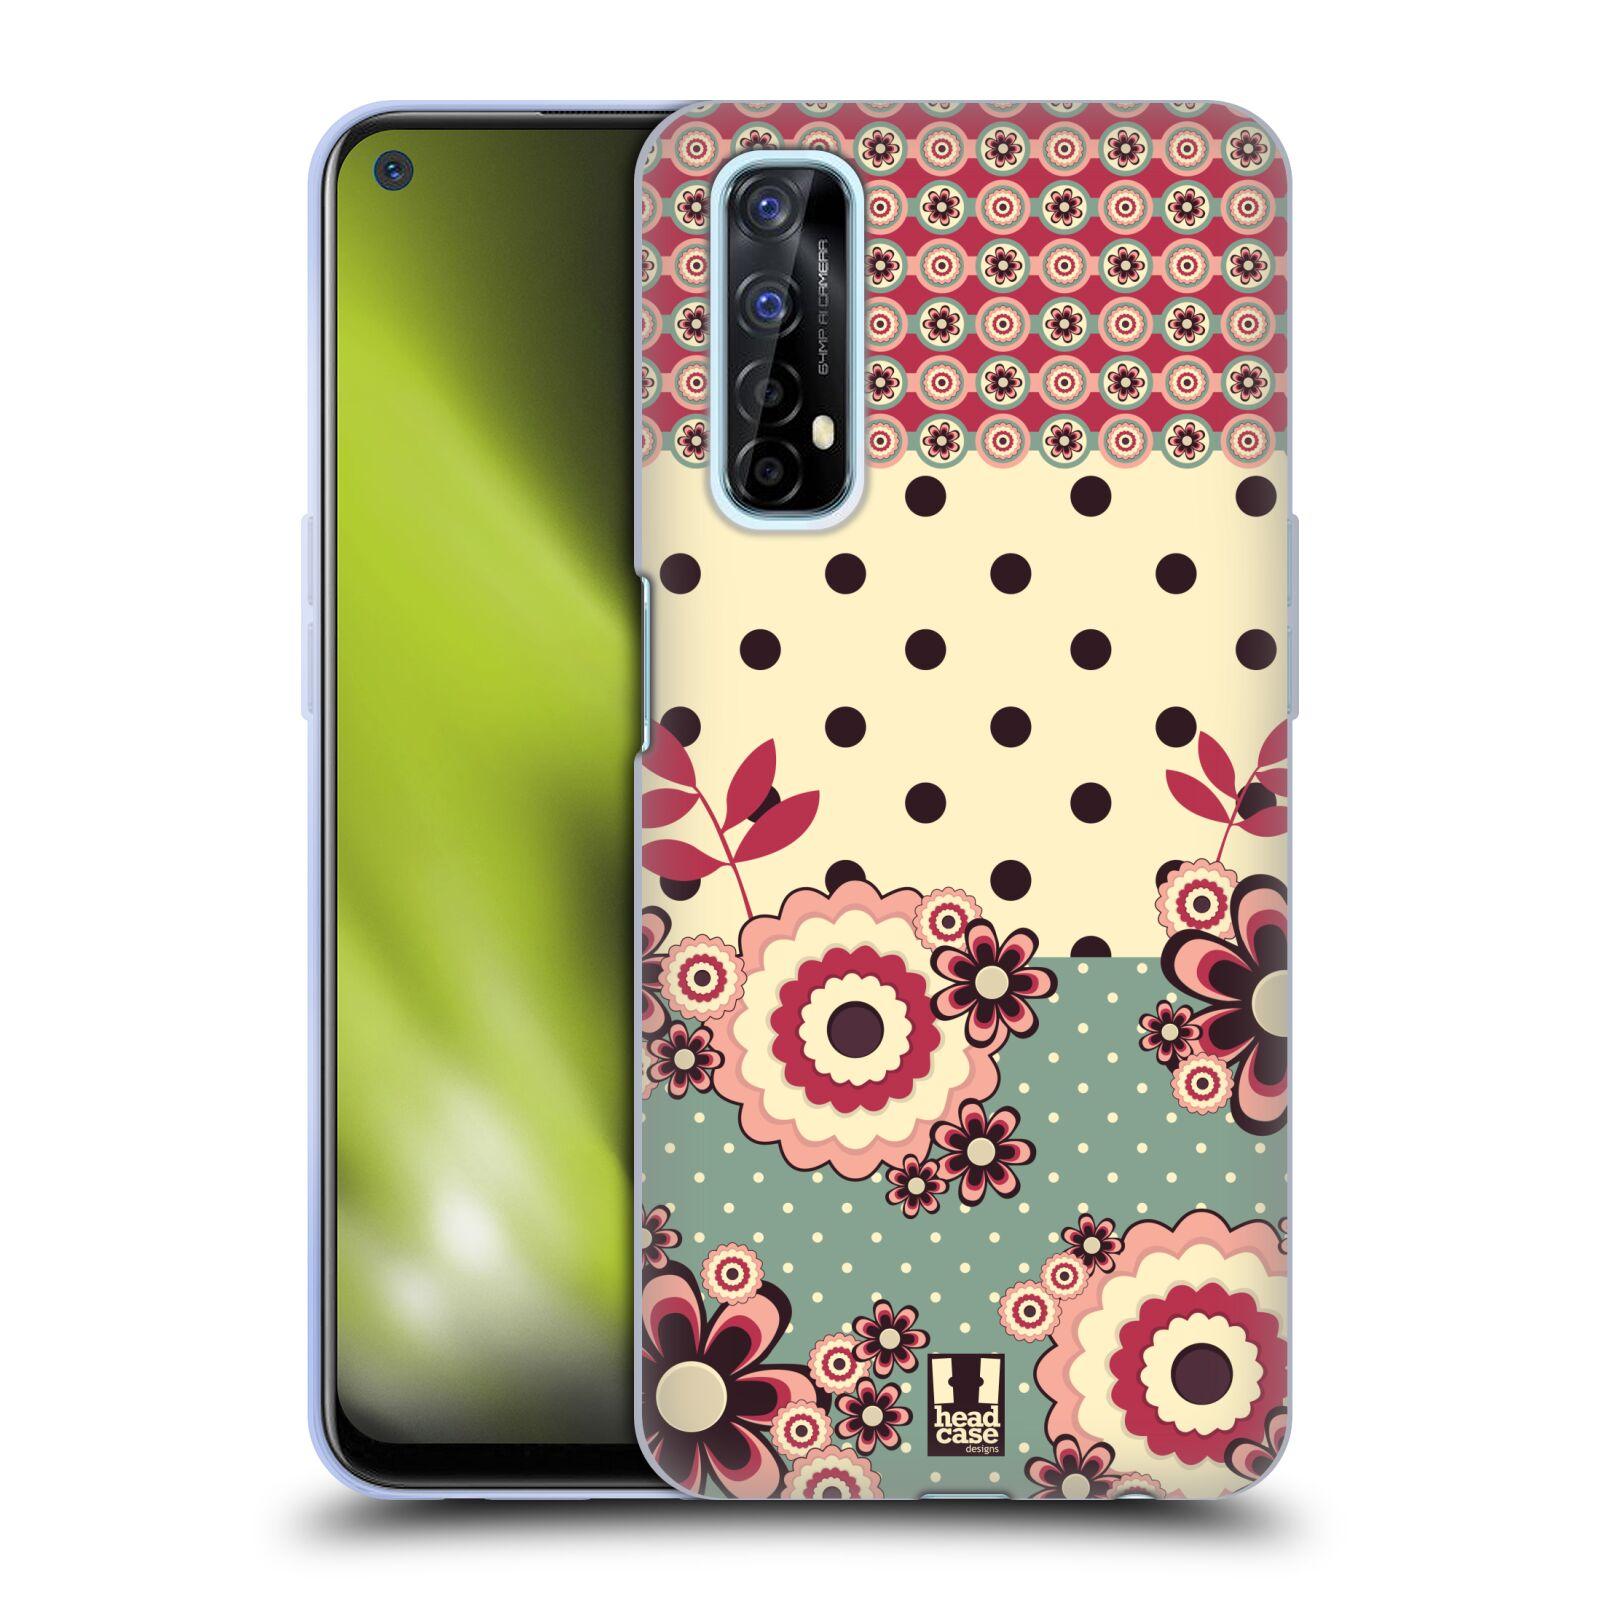 Silikonové pouzdro na mobil Realme 7 - Head Case - KVÍTKA PINK CREAM